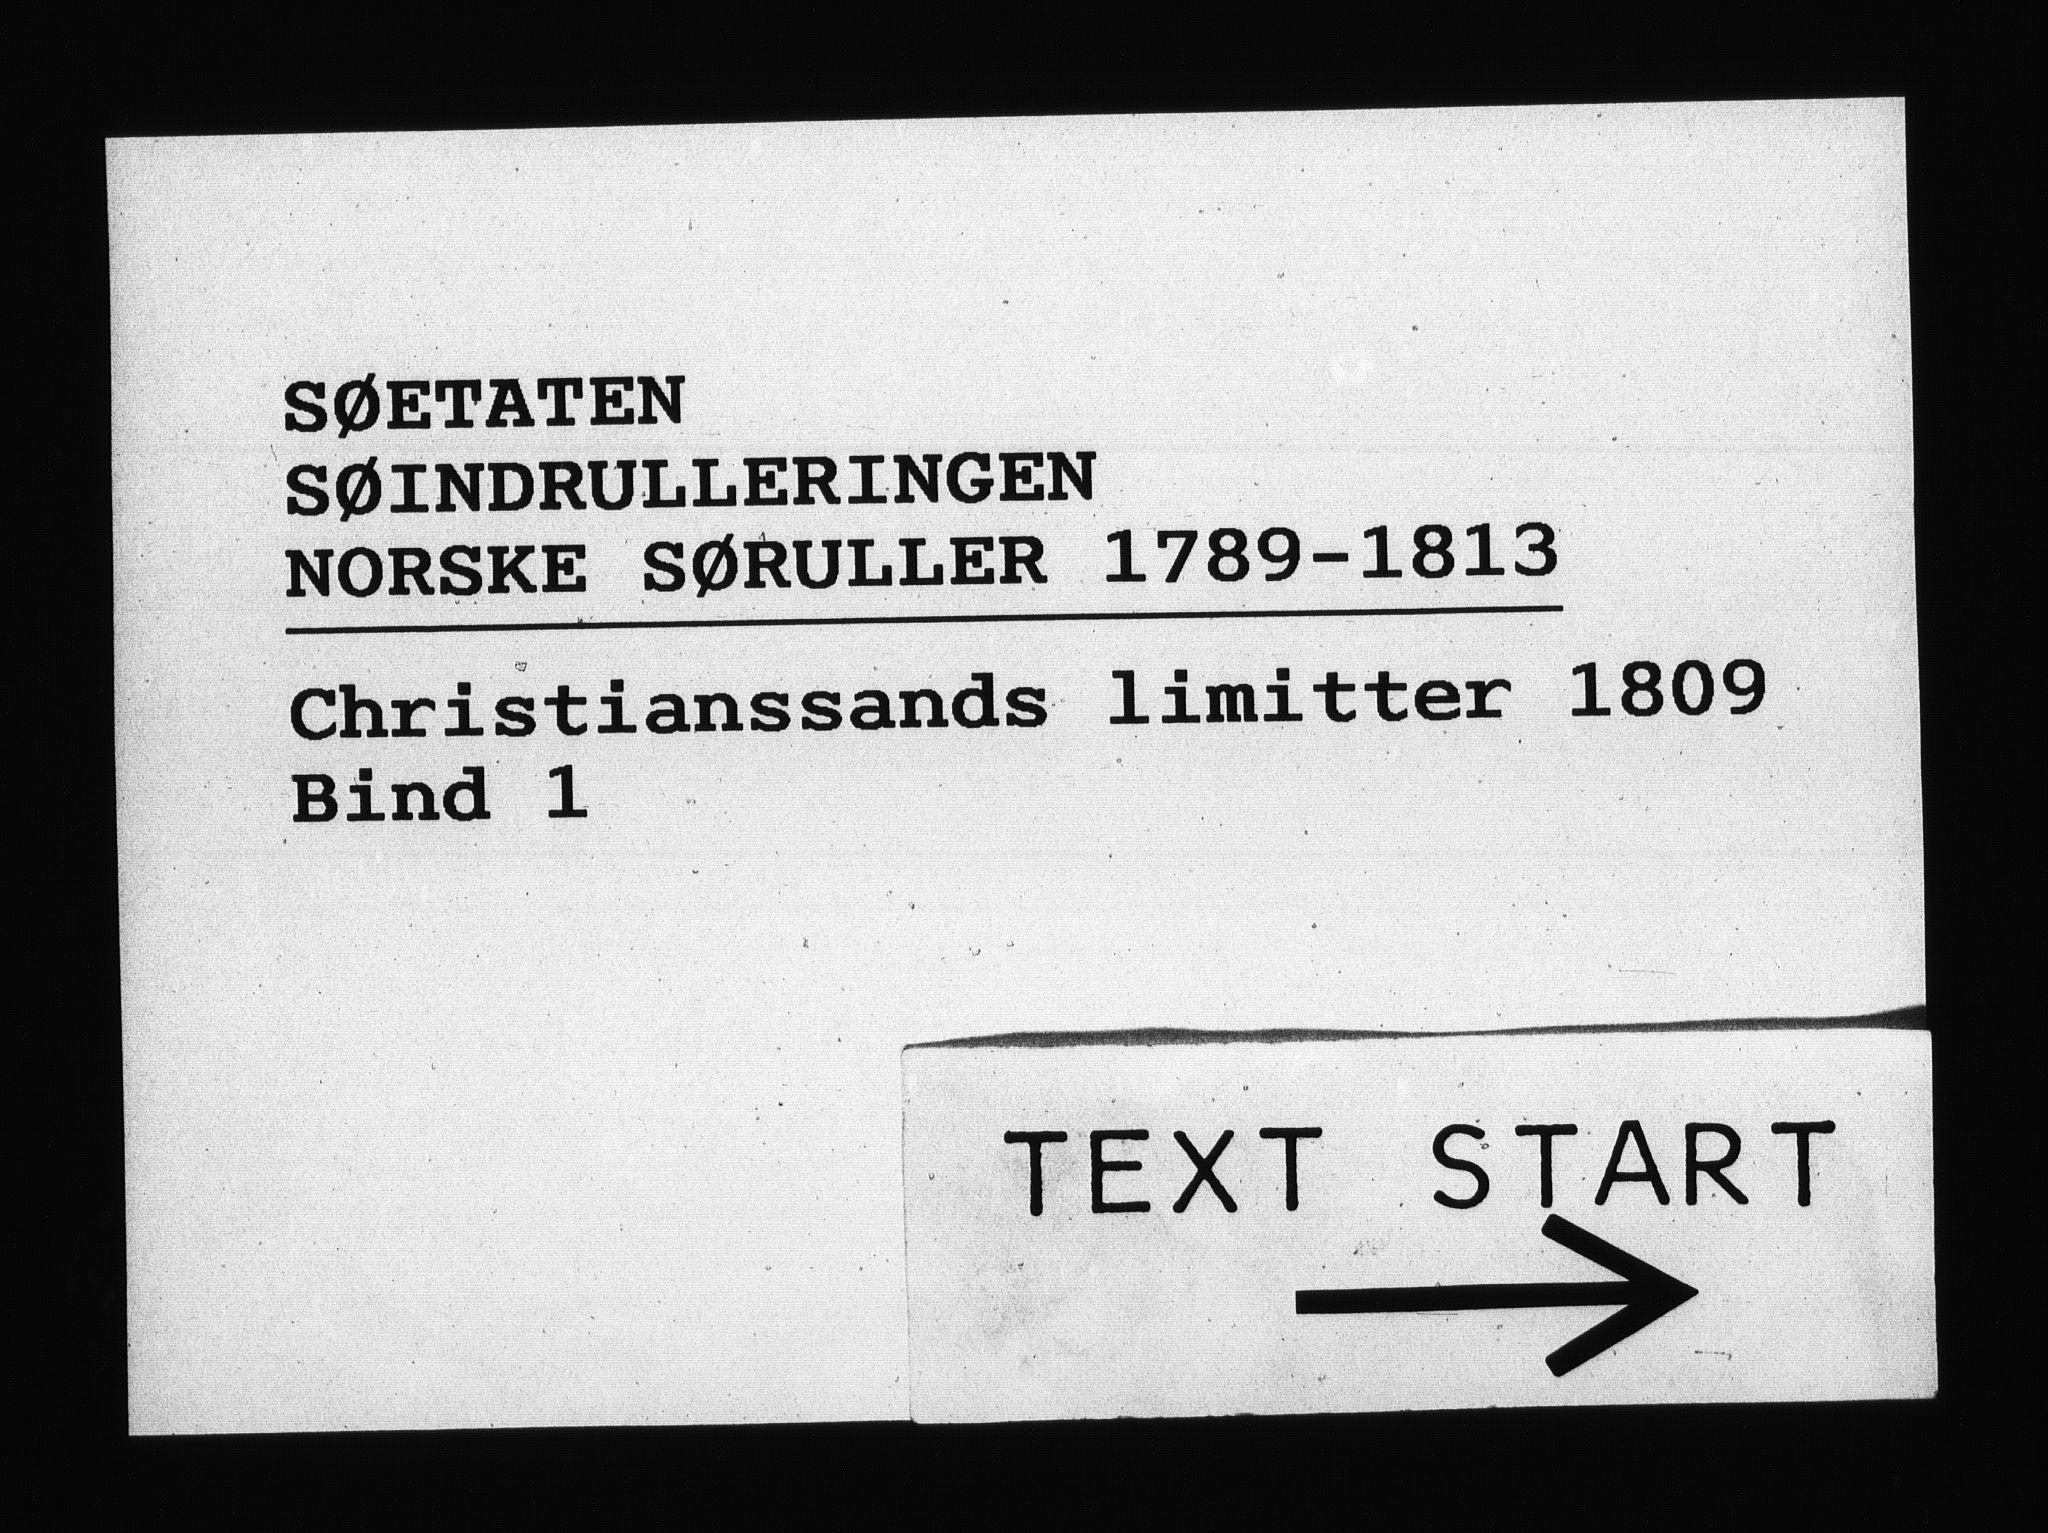 RA, Sjøetaten, F/L0103: Kristiansand limitter, bind 1, 1809